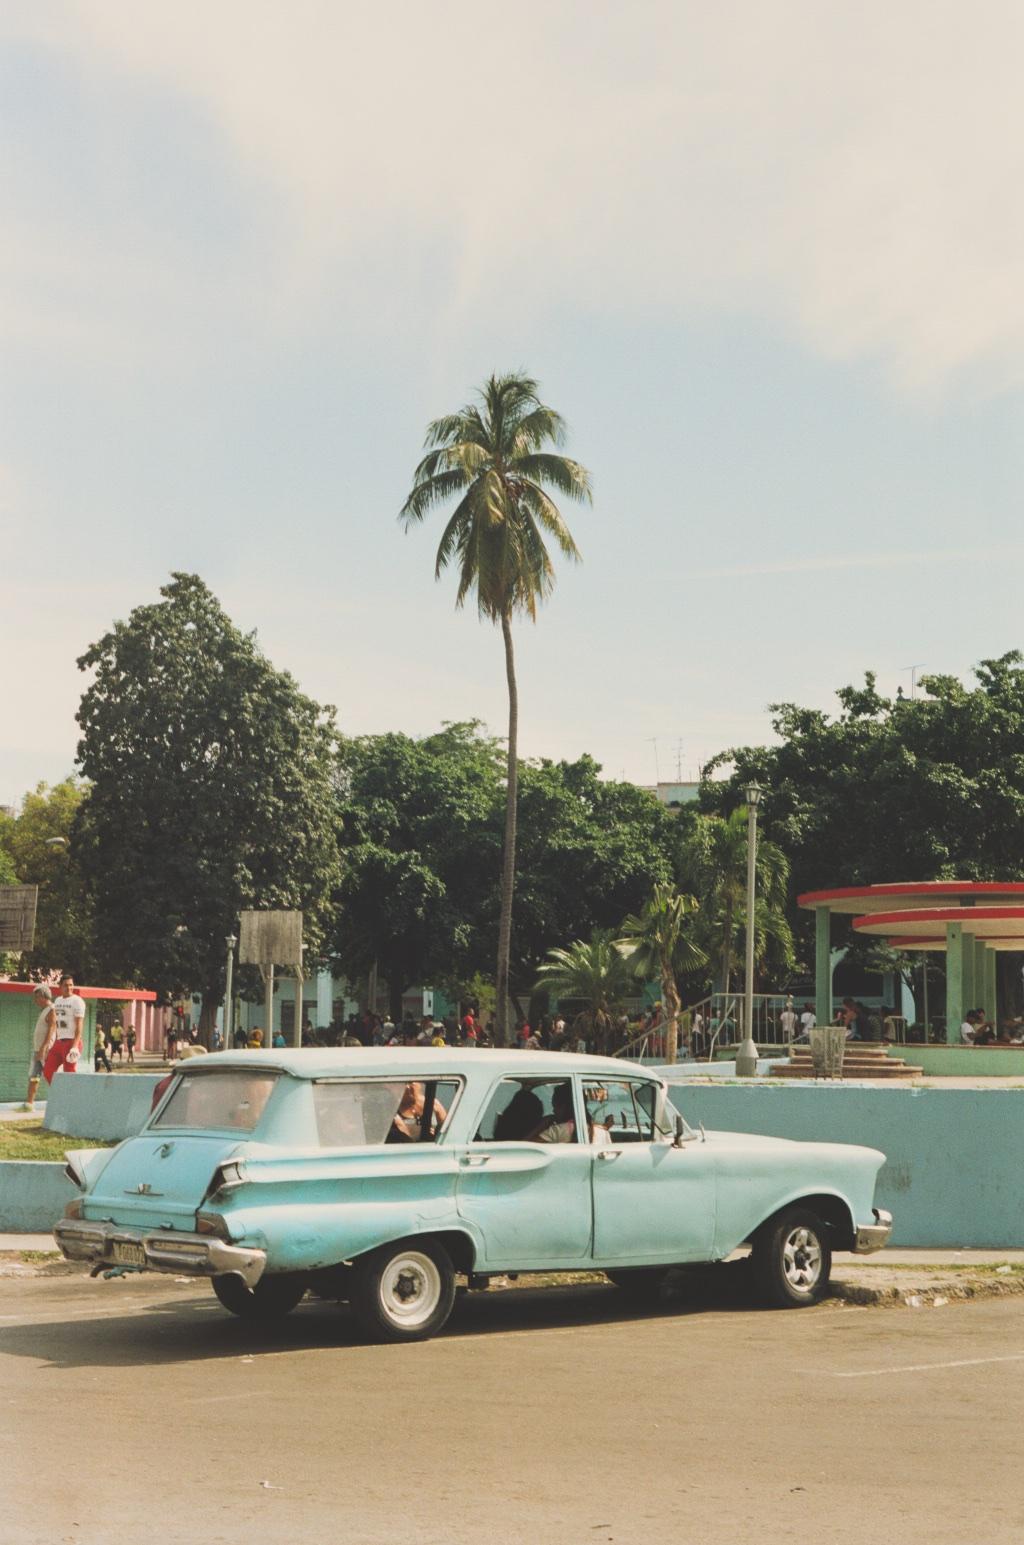 007_CubaBlueCar.jpg